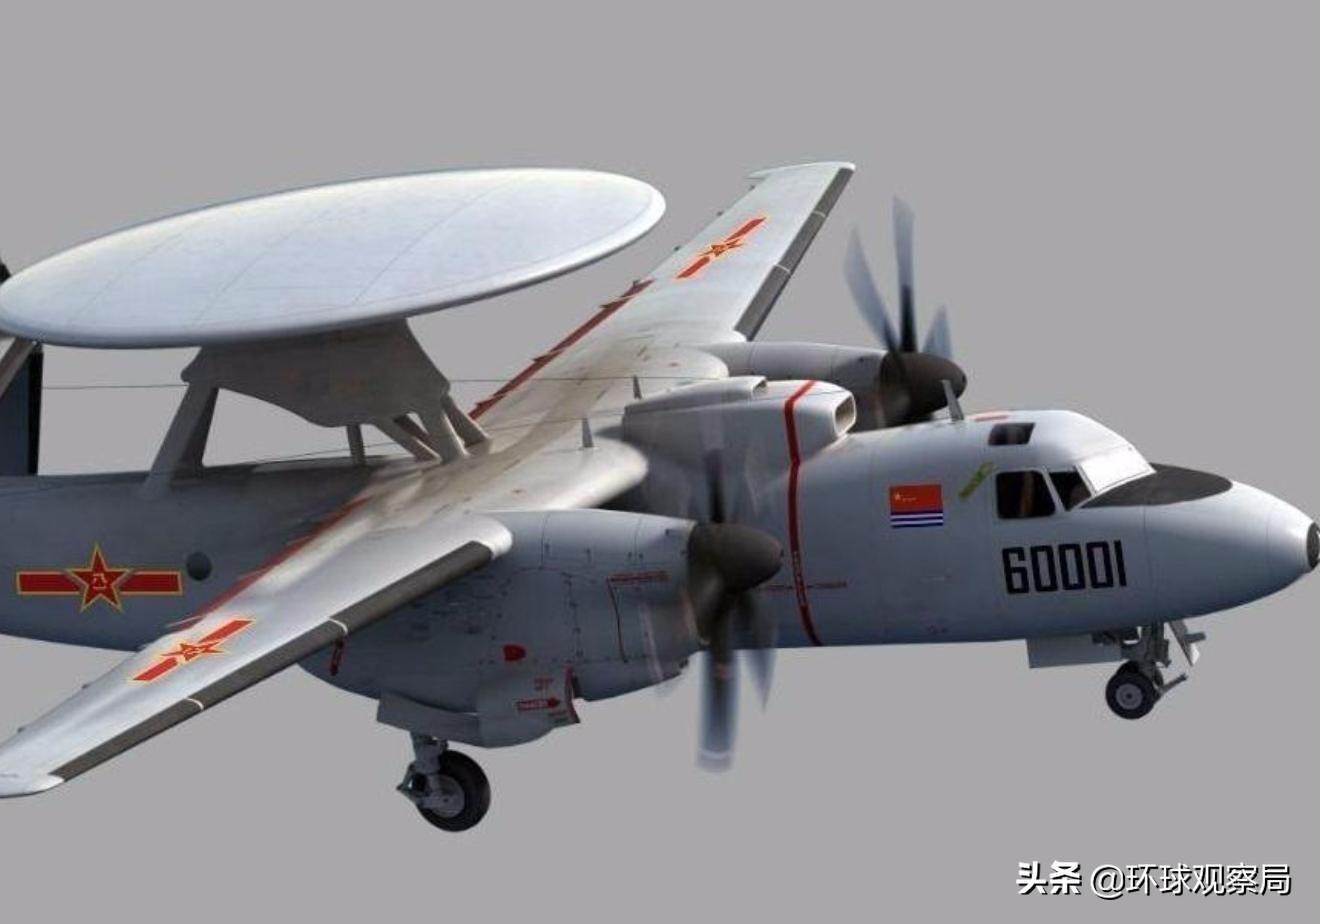 003航母在上海初見端倪,以空警-600為契機實現一機多型,這才科學